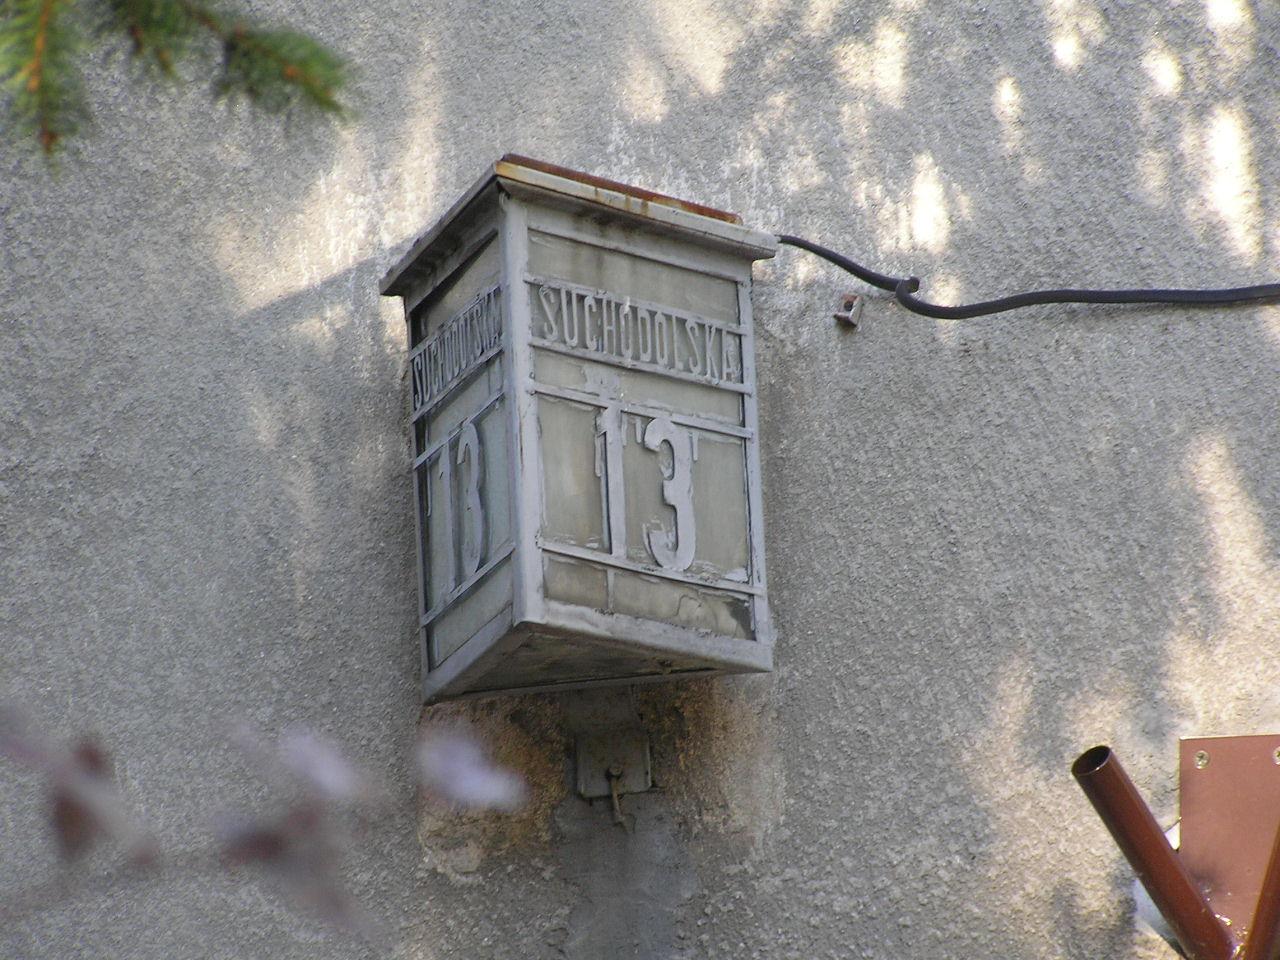 Latarenka adresowa - Suchodolska 13